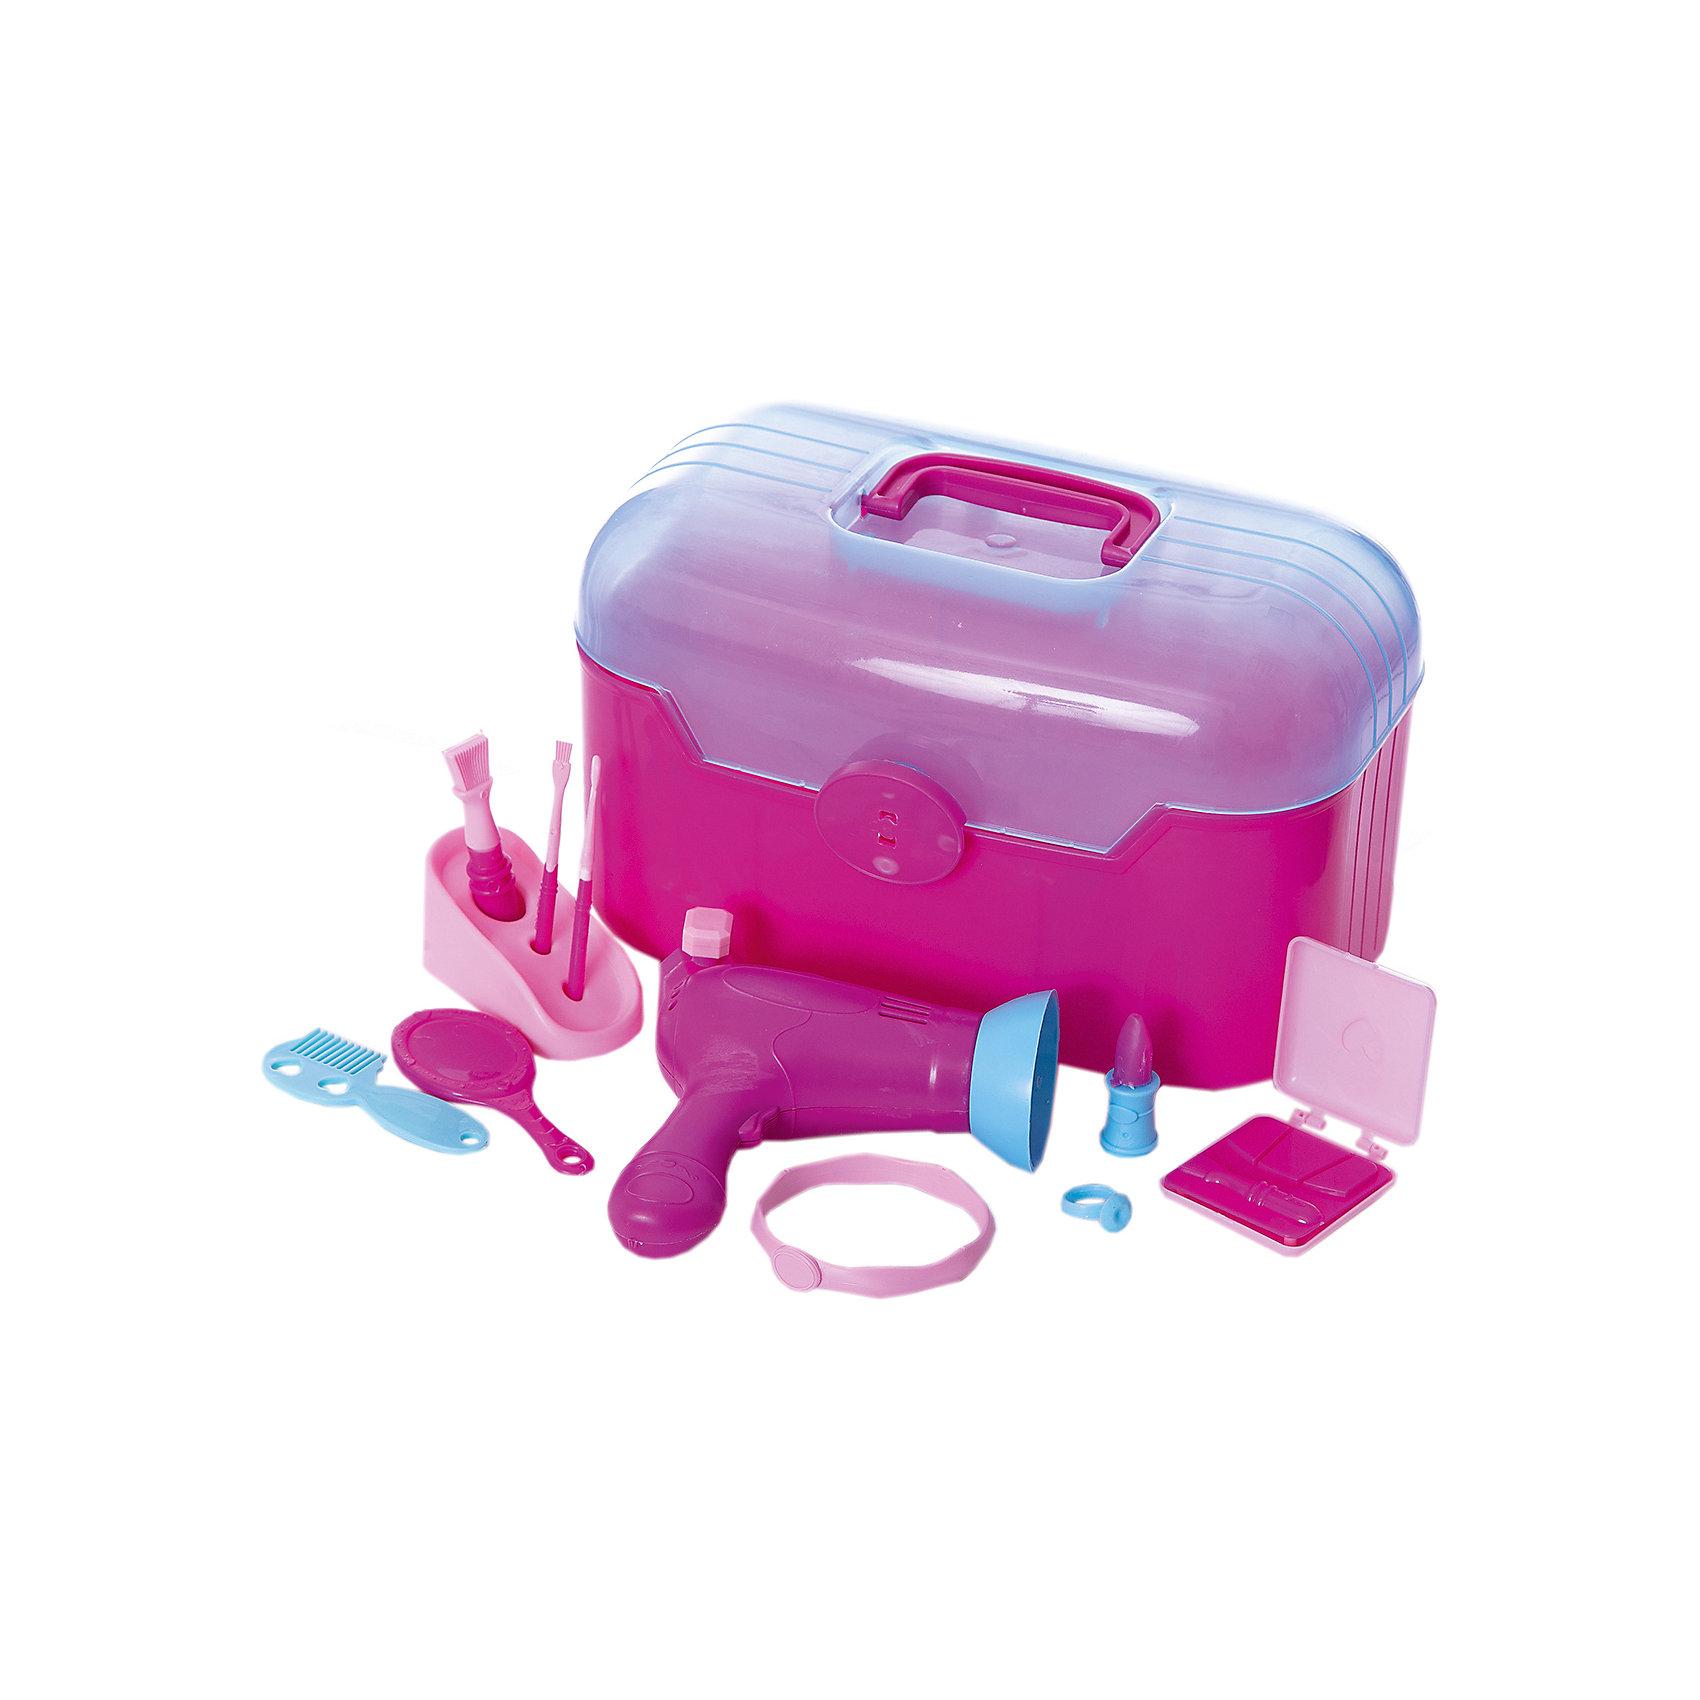 Чемоданчик красоты Холодное сердце, BildoЧемоданчик красоты Холодное сердце, Bildo.<br><br>Характеристики:<br><br>- В наборе: 14 аксессуаров<br>- Материал: пластик<br><br>В чемоданчик красоты Холодное сердце, входит 14 аксессуаров для реалистичной игры, включая расческу, зеркало, фен, кольца и имитацию макияжа. Великолепный набор чемоданчик красоты Холодное сердце от Bildo не даст вашей девочке заскучать и позволит ей почувствовать себя настоящим стилистом. Все элементы набора изготовлены из качественного безопасного пластика.<br><br>Чемоданчик красоты Холодное сердце, Bildo можно купить в нашем интернет-магазине.<br><br>Ширина мм: 260<br>Глубина мм: 190<br>Высота мм: 170<br>Вес г: 420<br>Возраст от месяцев: 36<br>Возраст до месяцев: 60<br>Пол: Женский<br>Возраст: Детский<br>SKU: 5054123